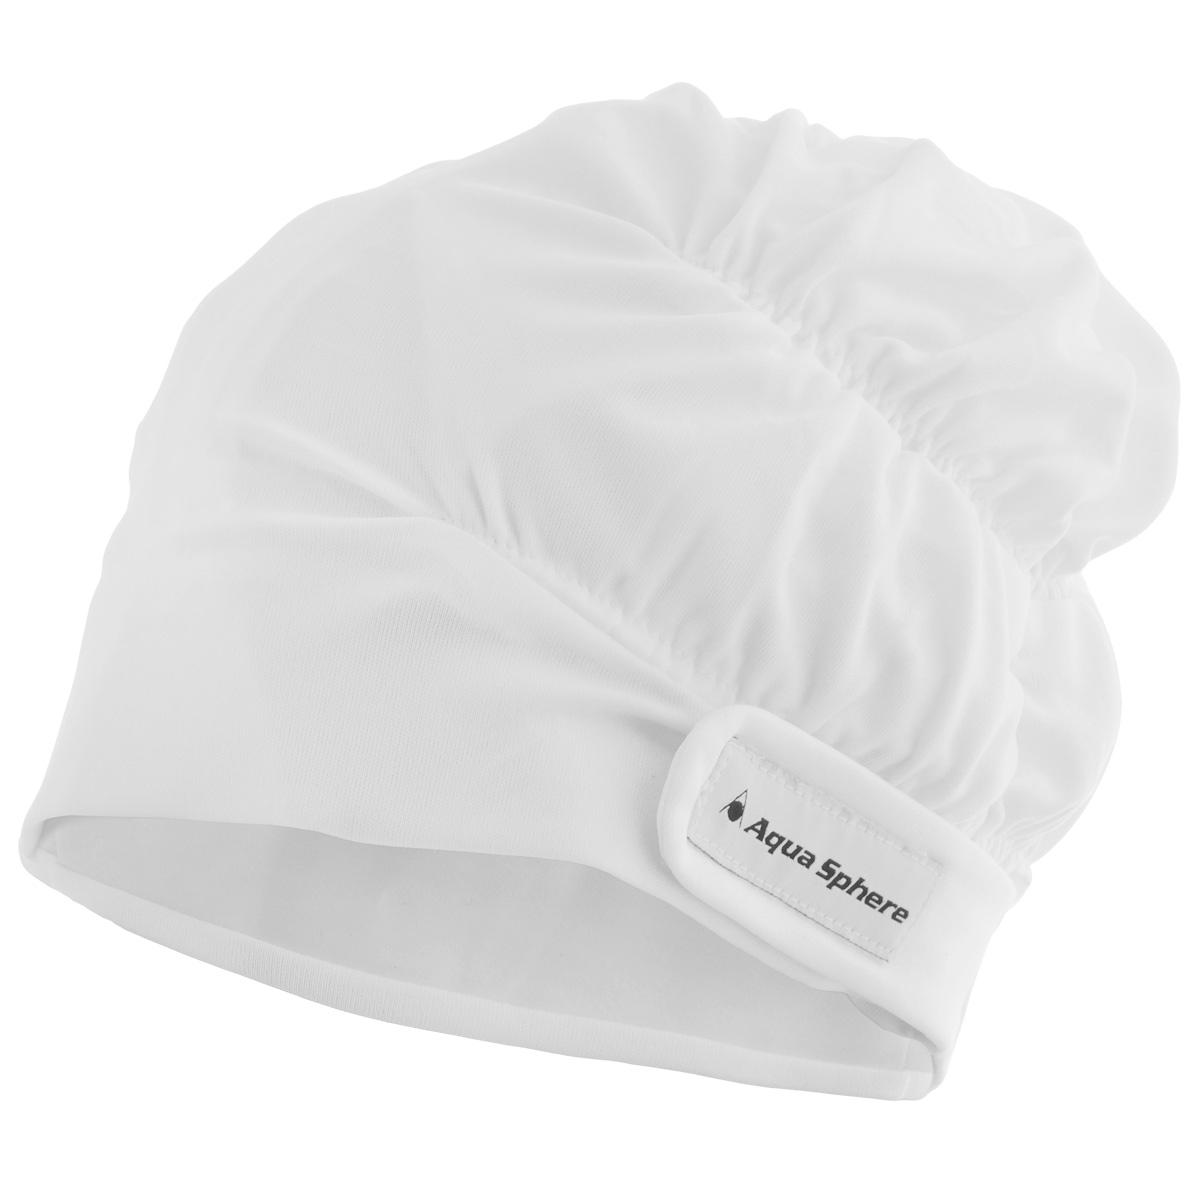 Шапочка Aqua Sphere Aqua Comfort, цвет: белыйM0534 01 0 08WПлавательная шапочка Aqua Sphere Aqua Comfort подойдет для людей с длинными волосами. Состоит из двухкомпонентного материала. Мягкий эластичный материал внутри и снаружи для максимального комфорта и герметичный высокопрочный материал по внутреннему широкому шву (10% резина).